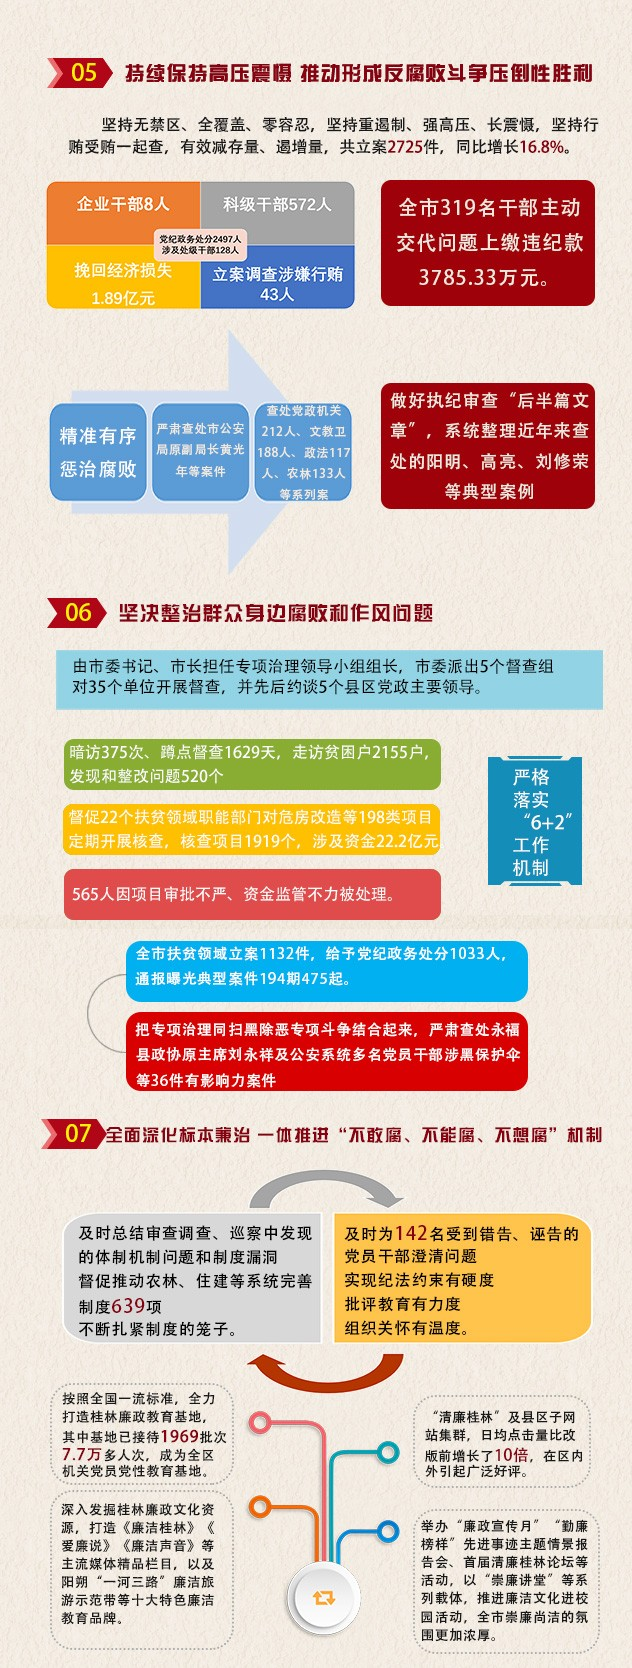 图说正风反腐|一图读懂桂林反腐成绩单